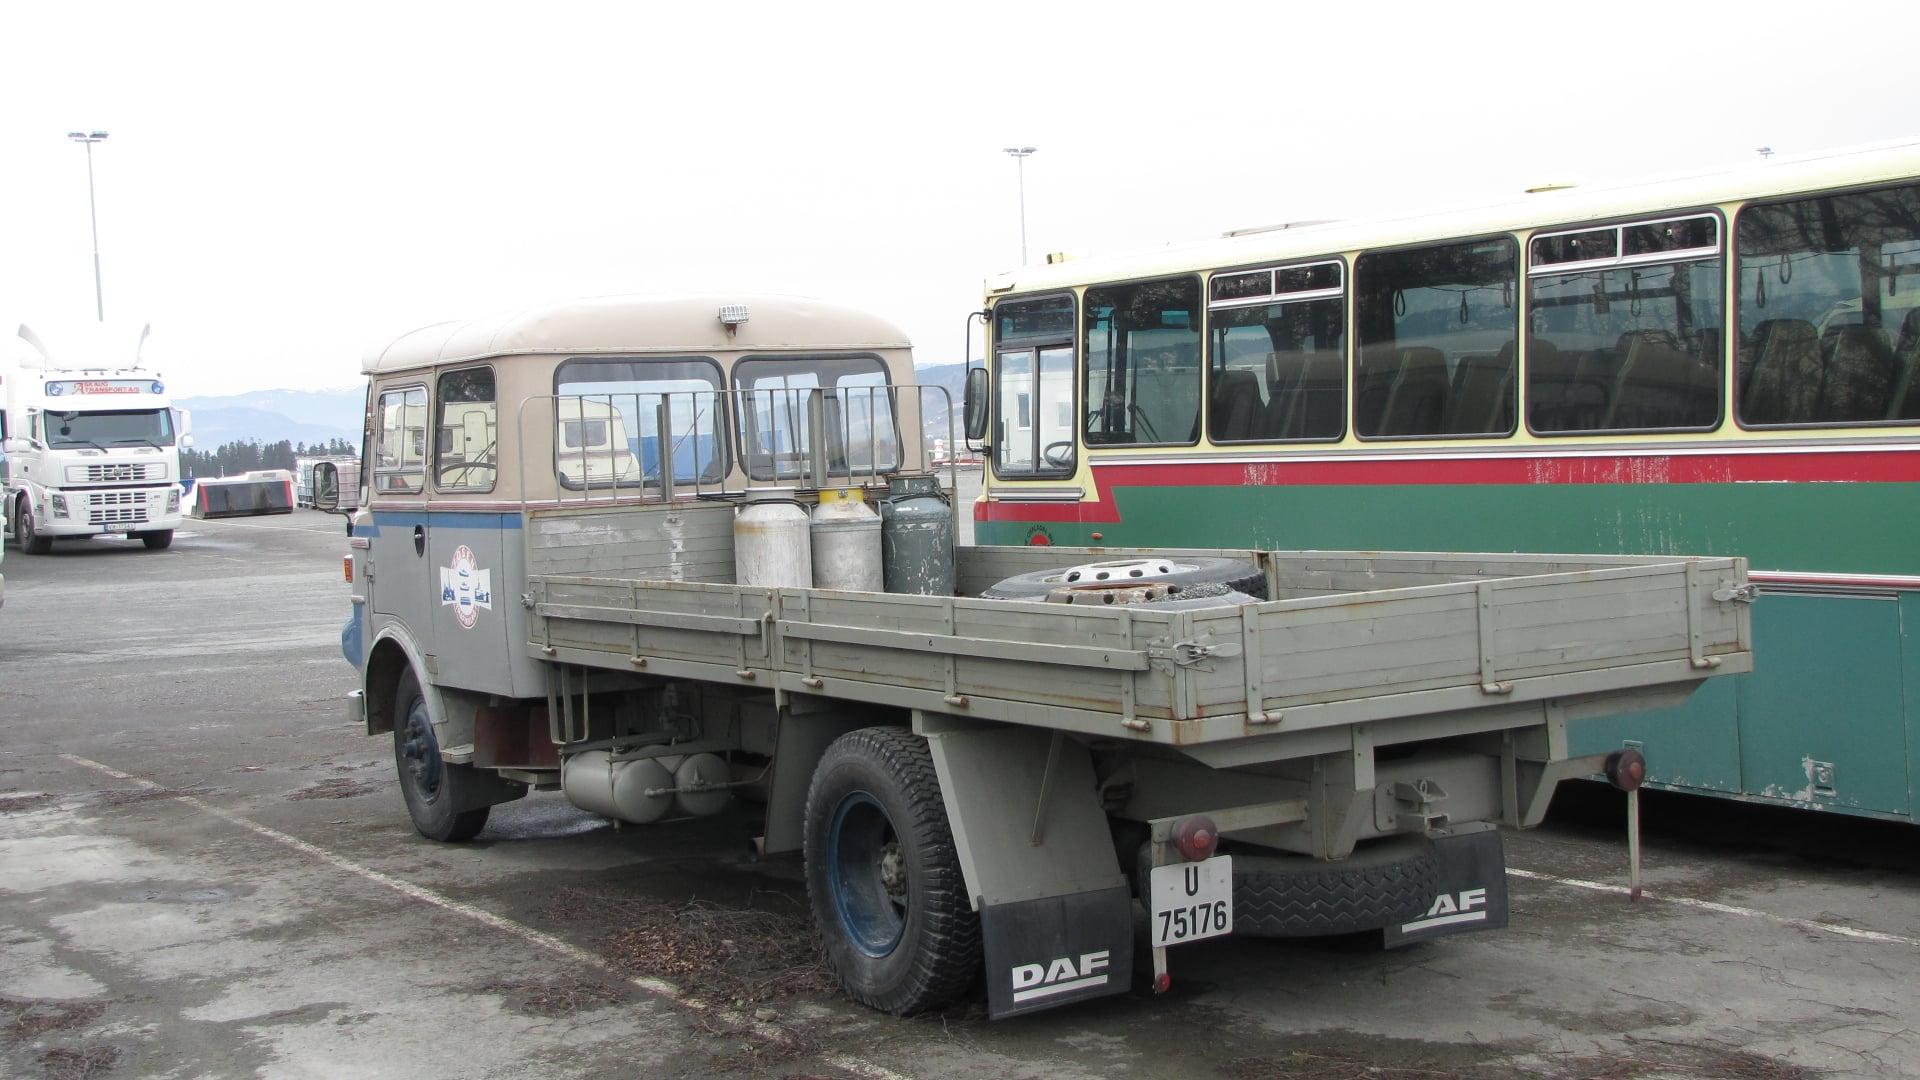 DAF-in-Noorwegen-Bus-voor-scholieren-Vrachtwagen-voor-melk-op-te-halen-Fosen-Schiereiland-naar-Trondheim-V-V--(5)